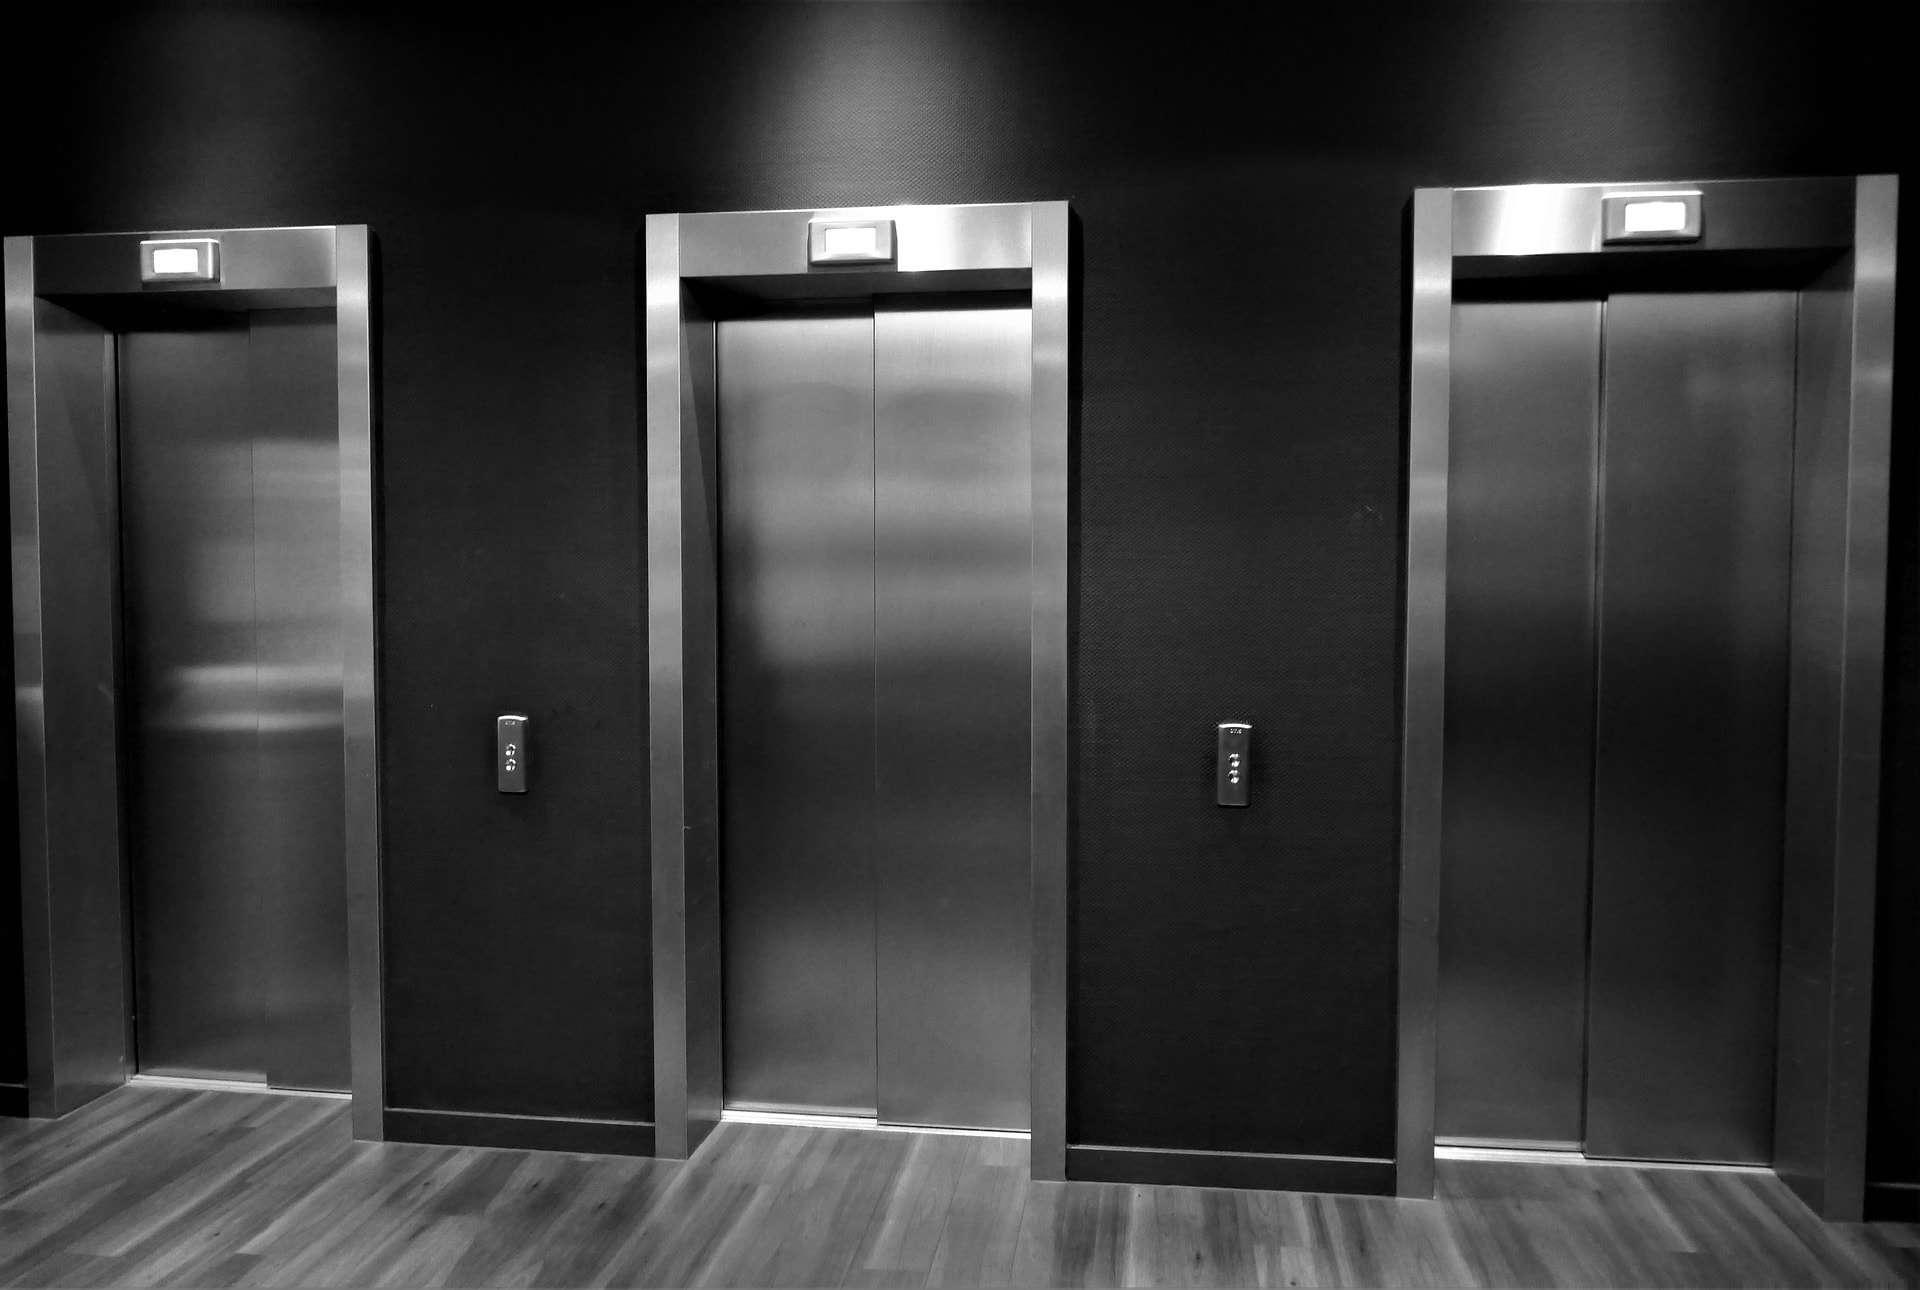 elevator-2540026_1920-min-min.jpg